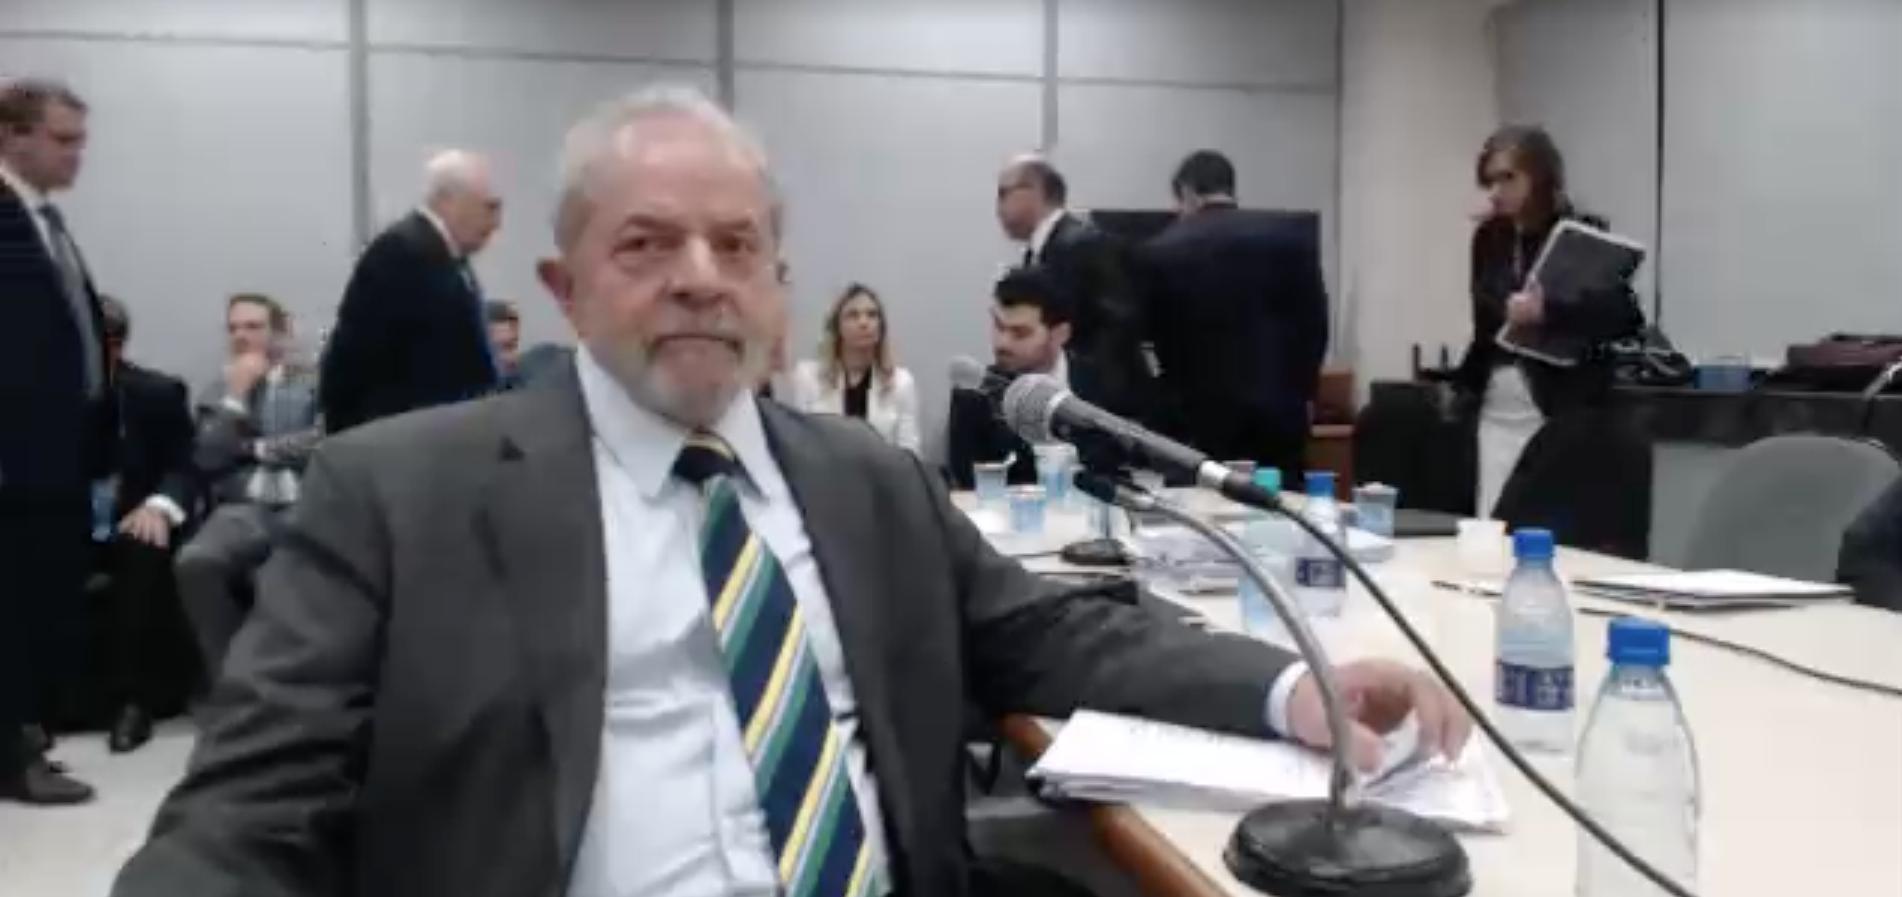 Frame capturado das imagens disponibilizadas do depoimento de Lula.